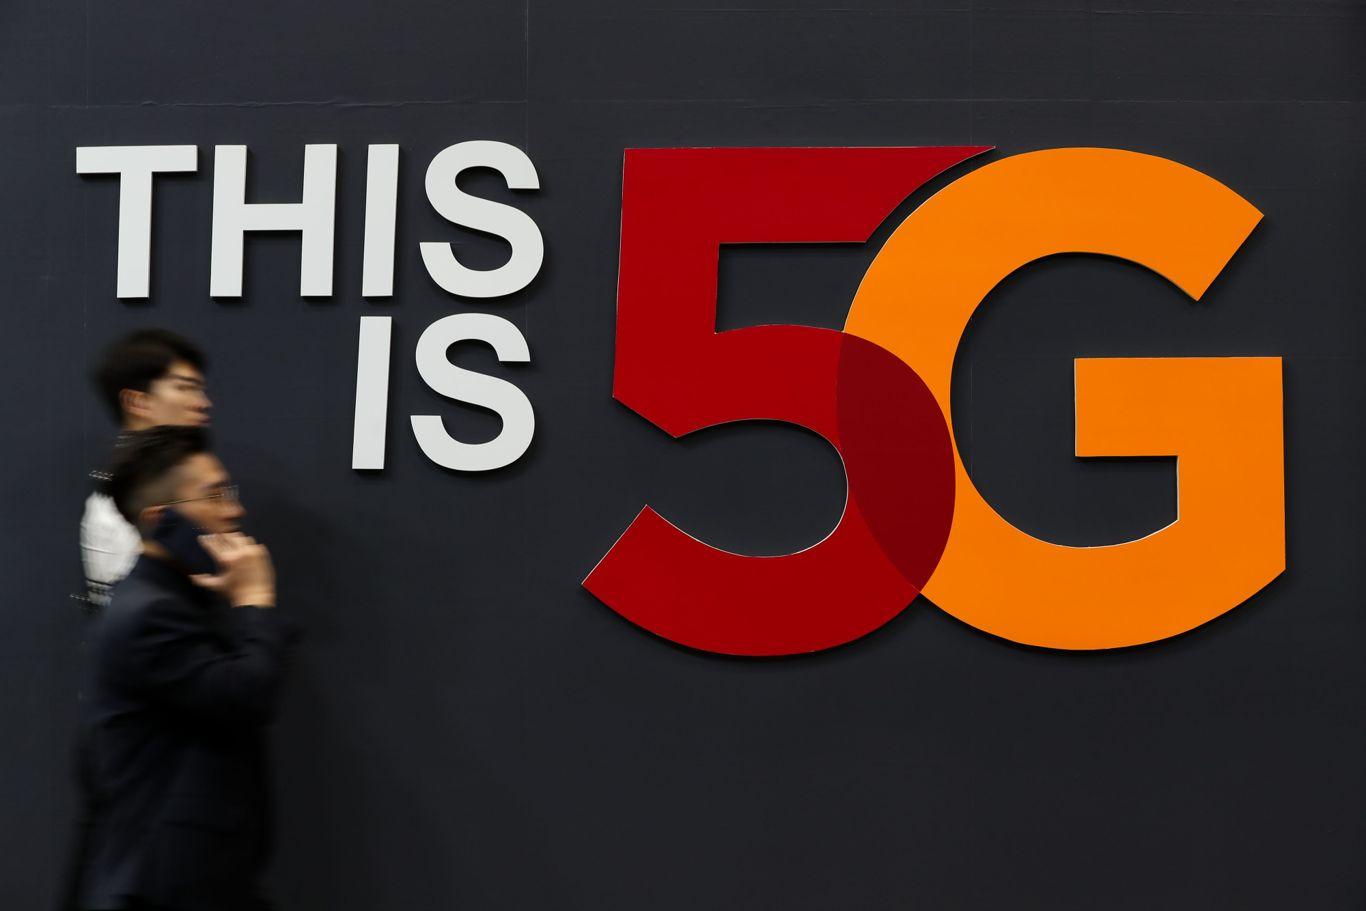 دو میلیون کاربر شبکه 5G در کره جنوبی وجود دارند که به زودی دو برابر می شوند